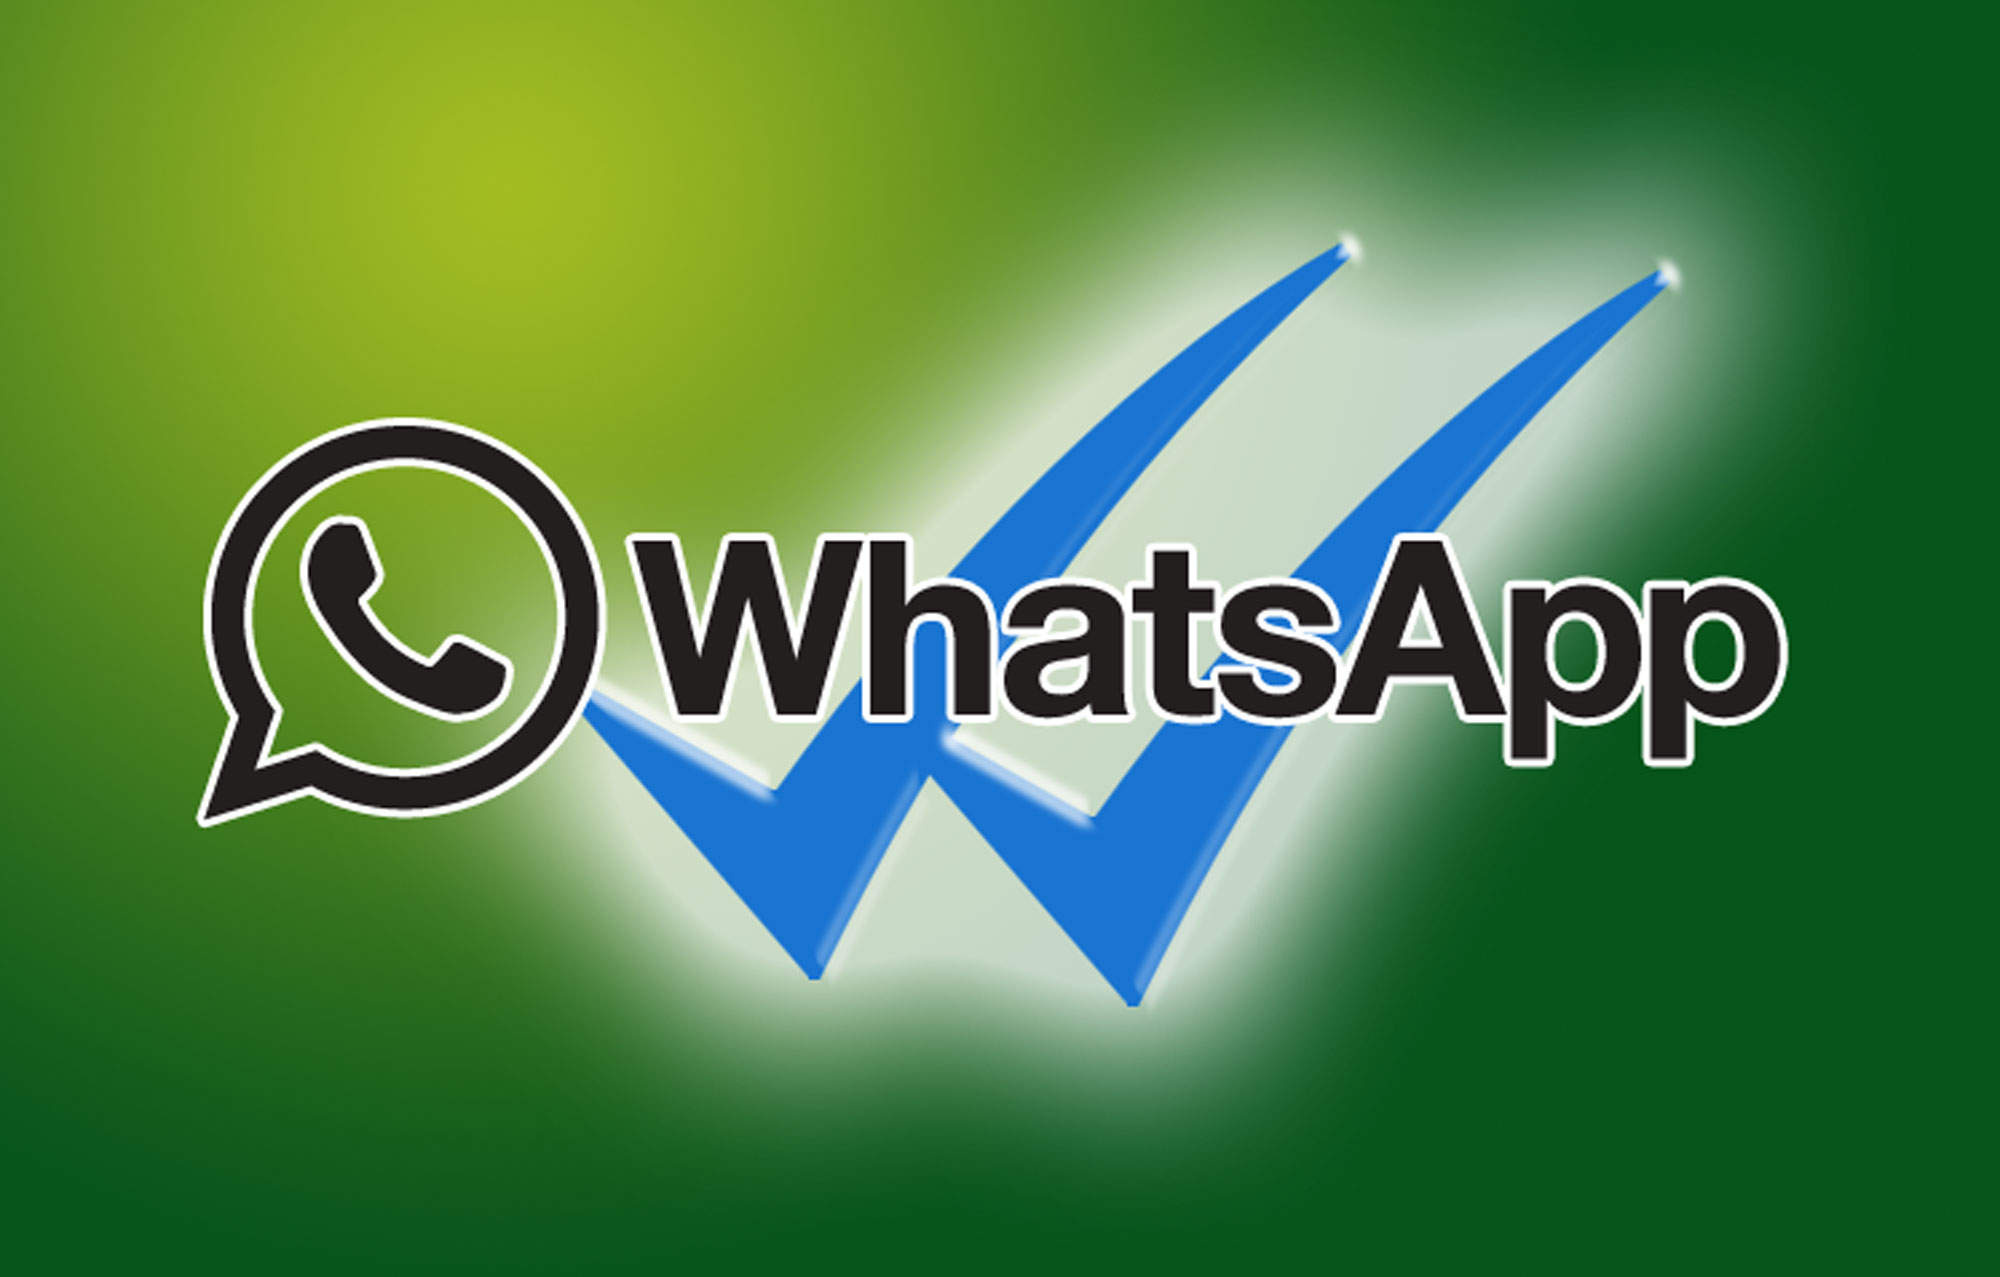 whatsapp blaue haken gruppe